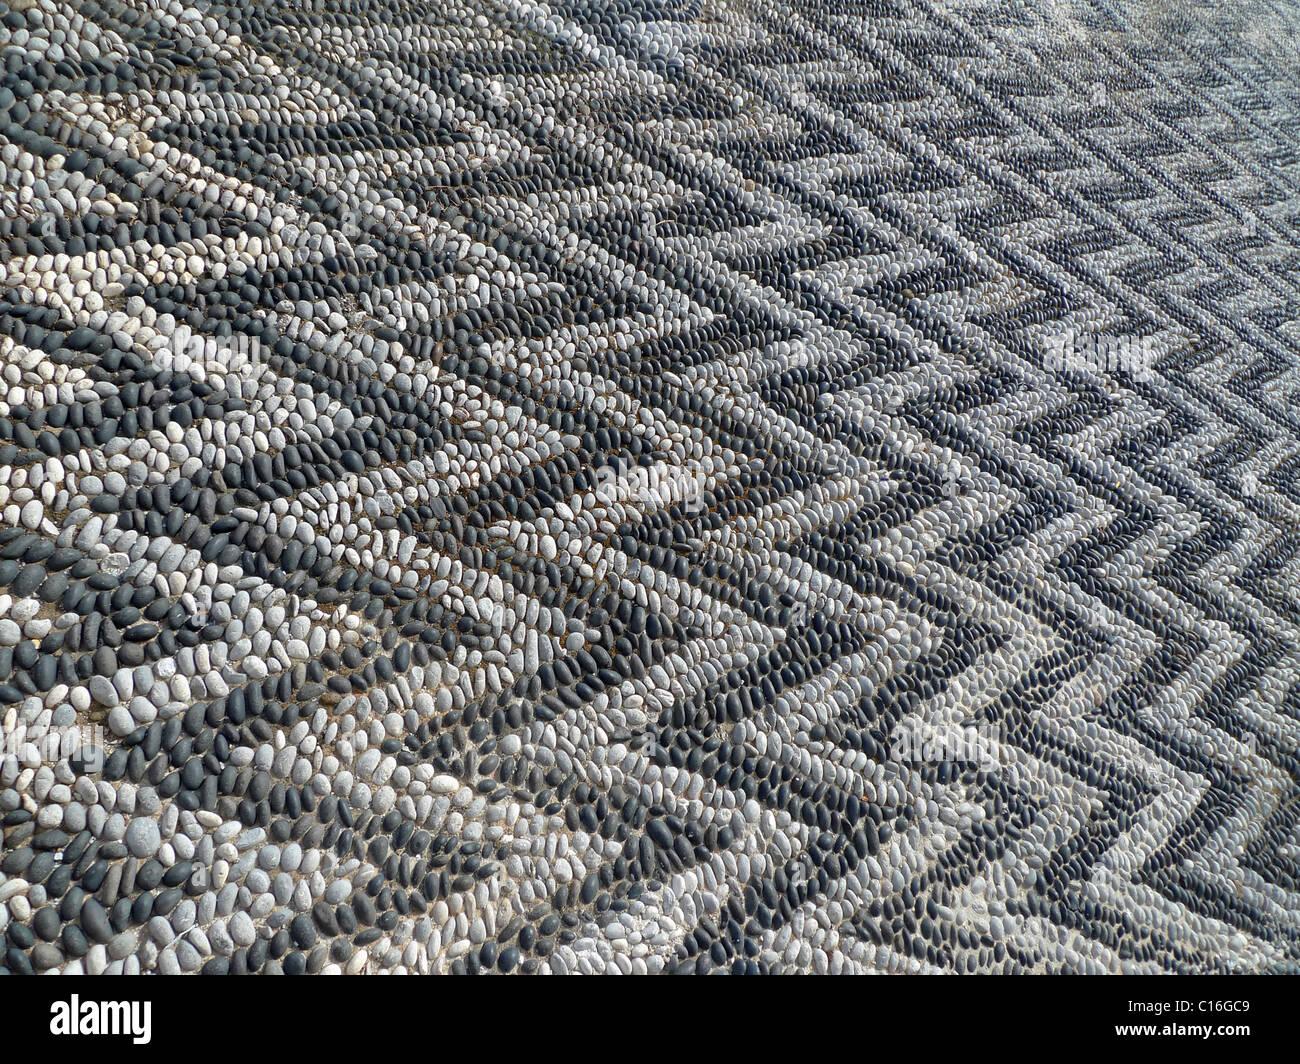 Fußboden Schwarz Weiß ~ Mosaik fußboden zick zack details schwarz weiß stockfoto bild